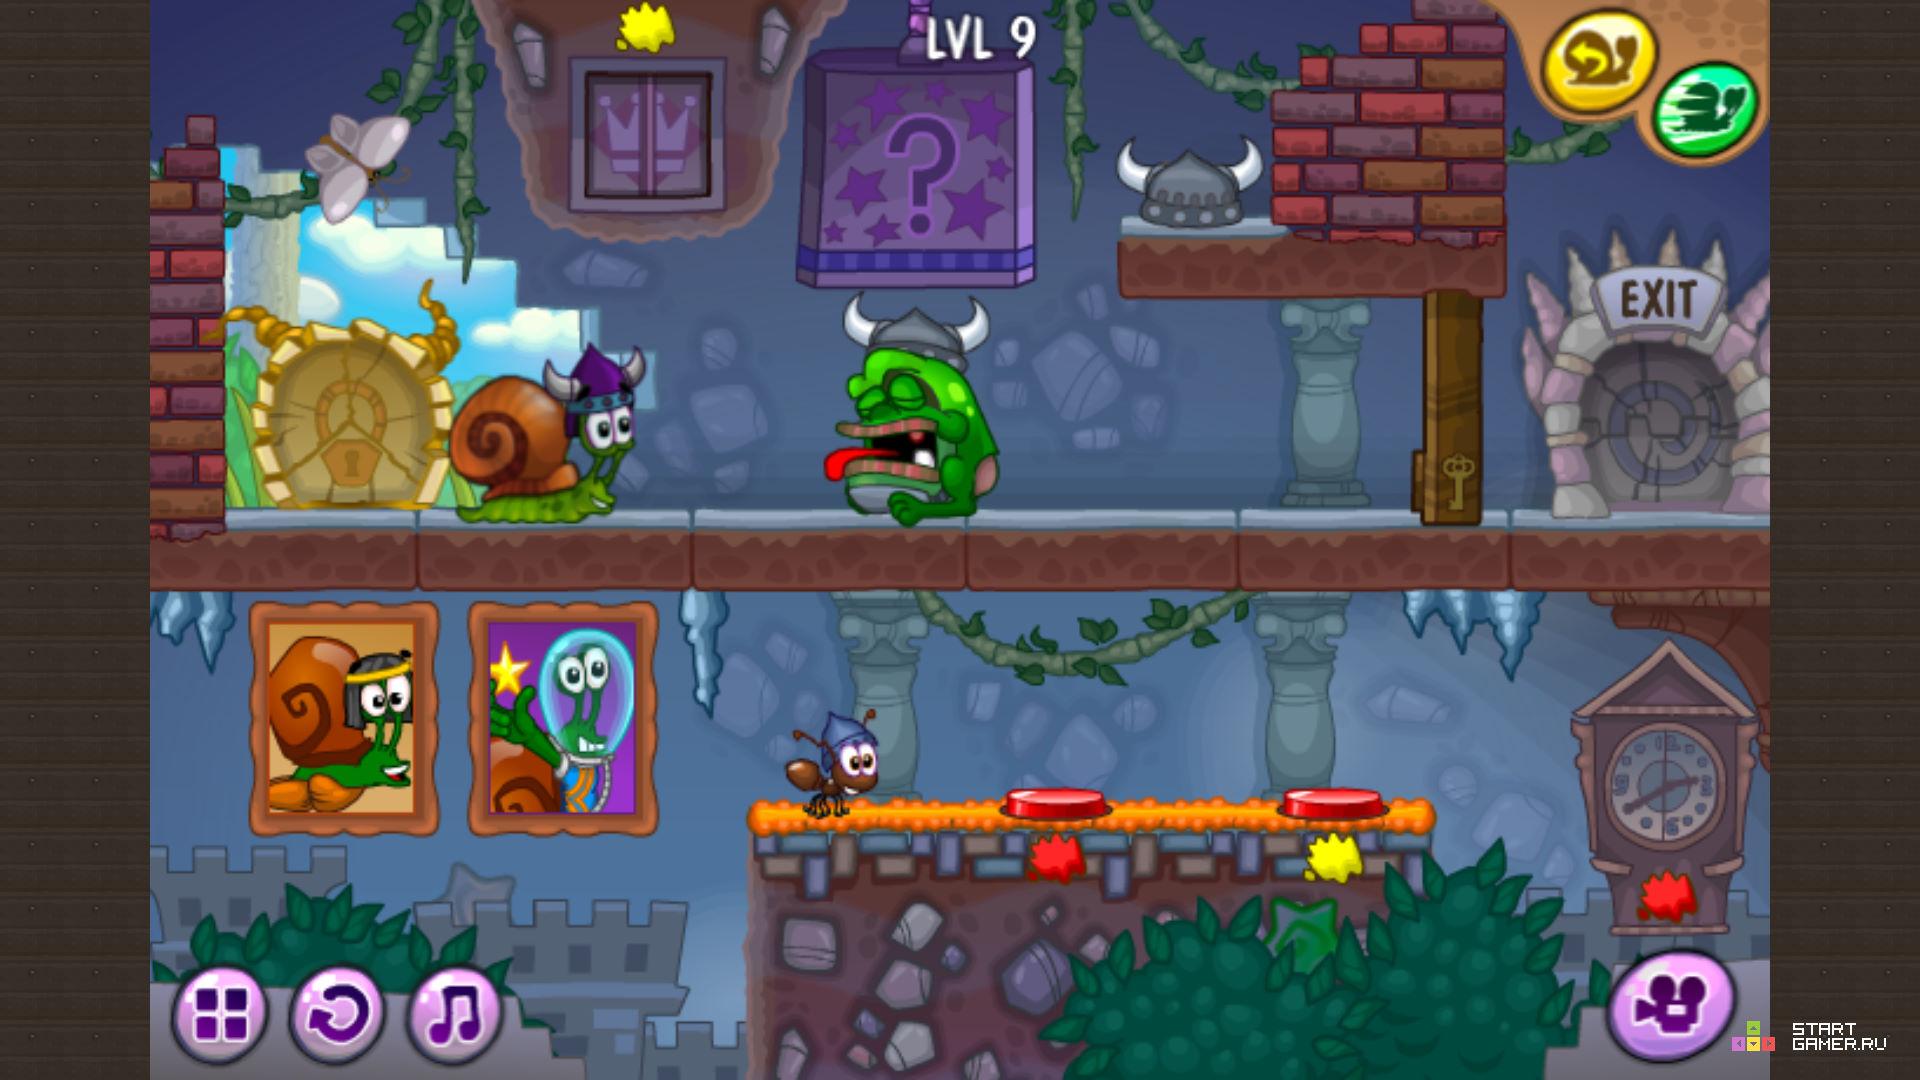 онлайн игра улитка боб 7 фантастическая история Snail Bob